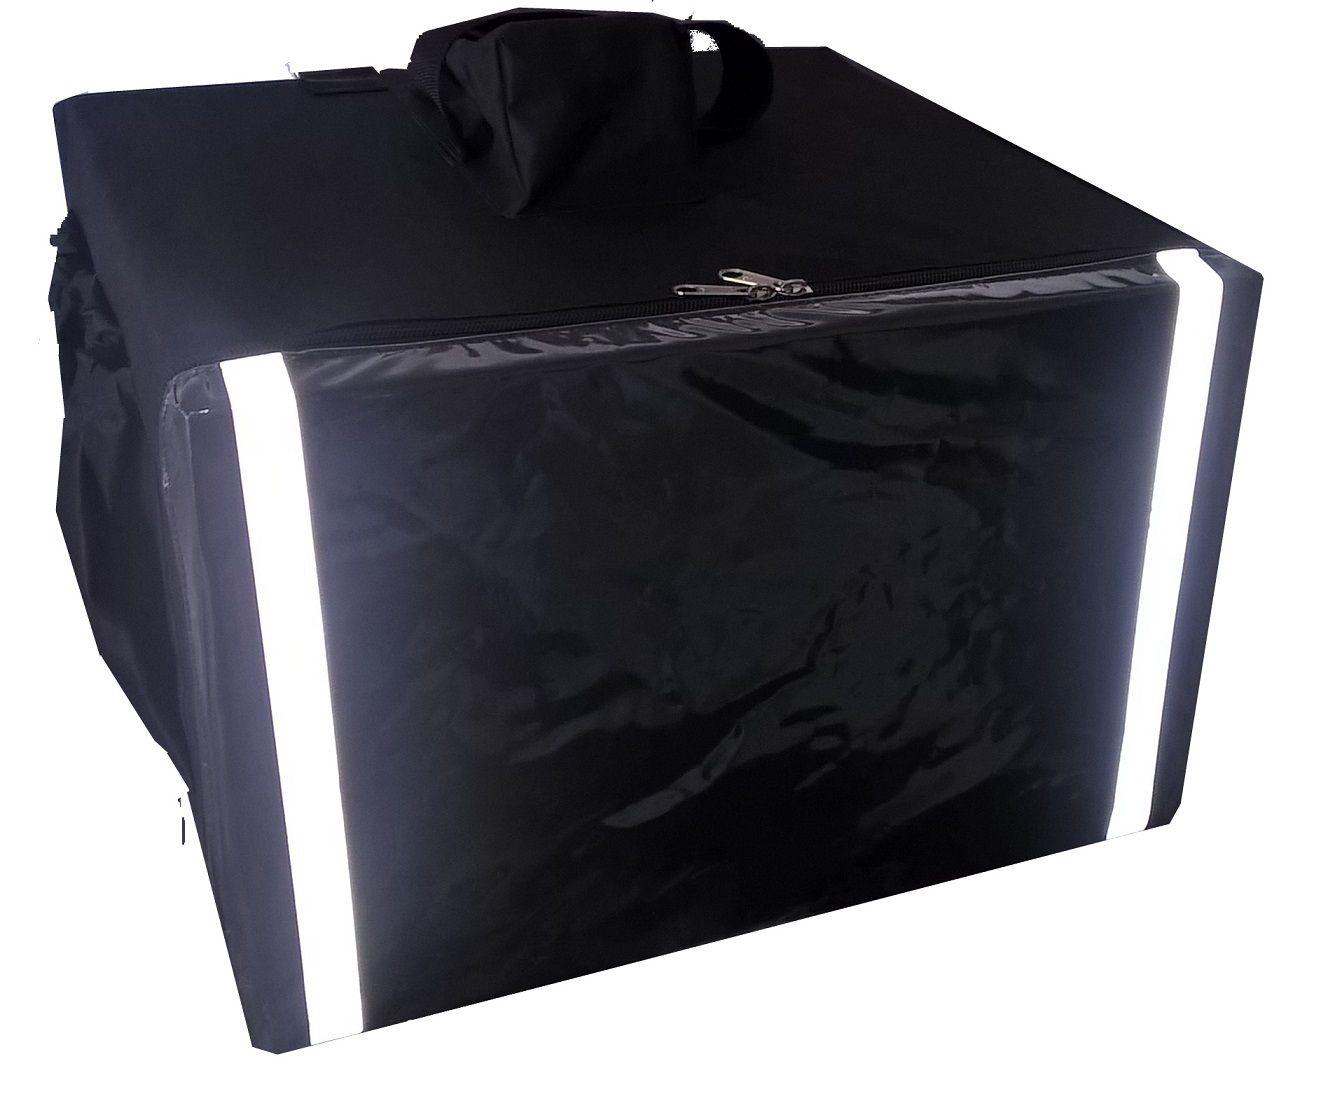 Bolsa Mochila Motoboy Para 16 Marmitex de Isopor Redonda N°8/9 Revestida com Alumínio Iso16al  - GuerreiroOnline